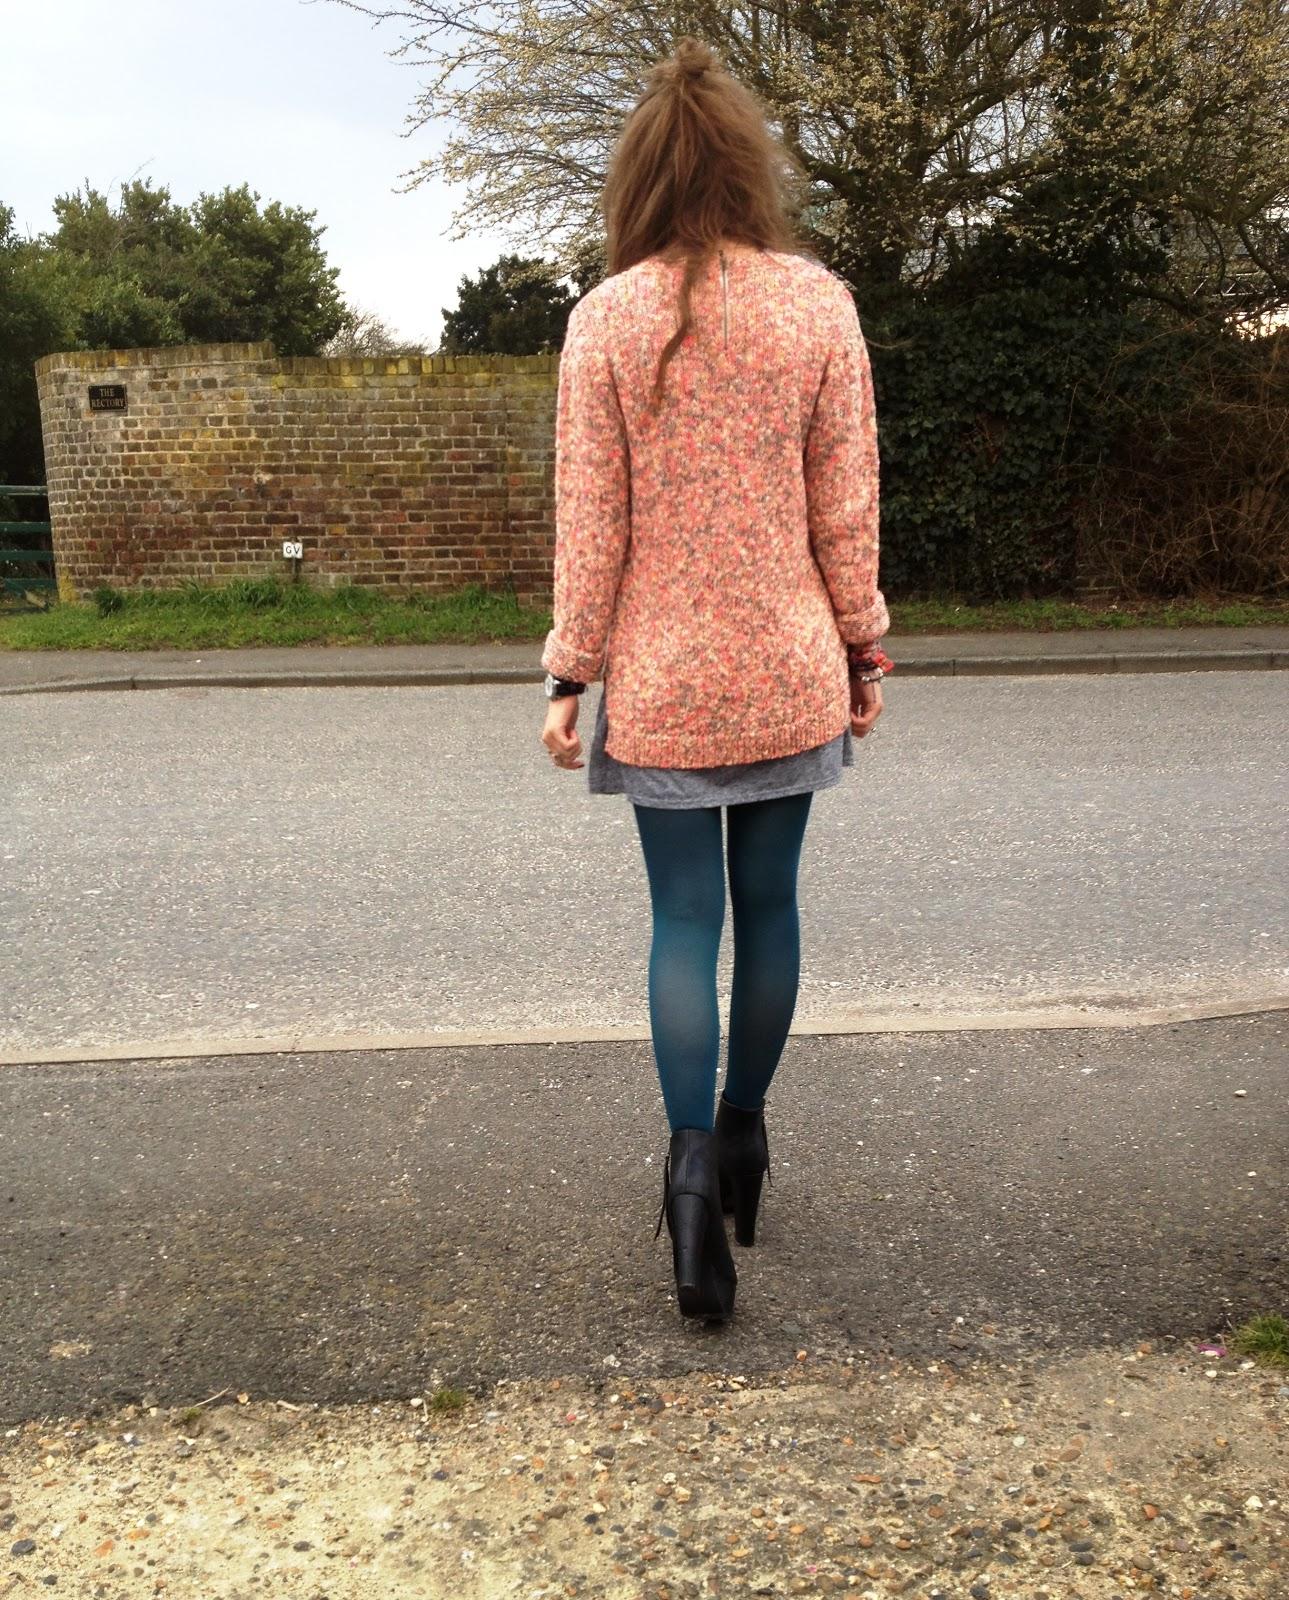 Image of fashion blogger style